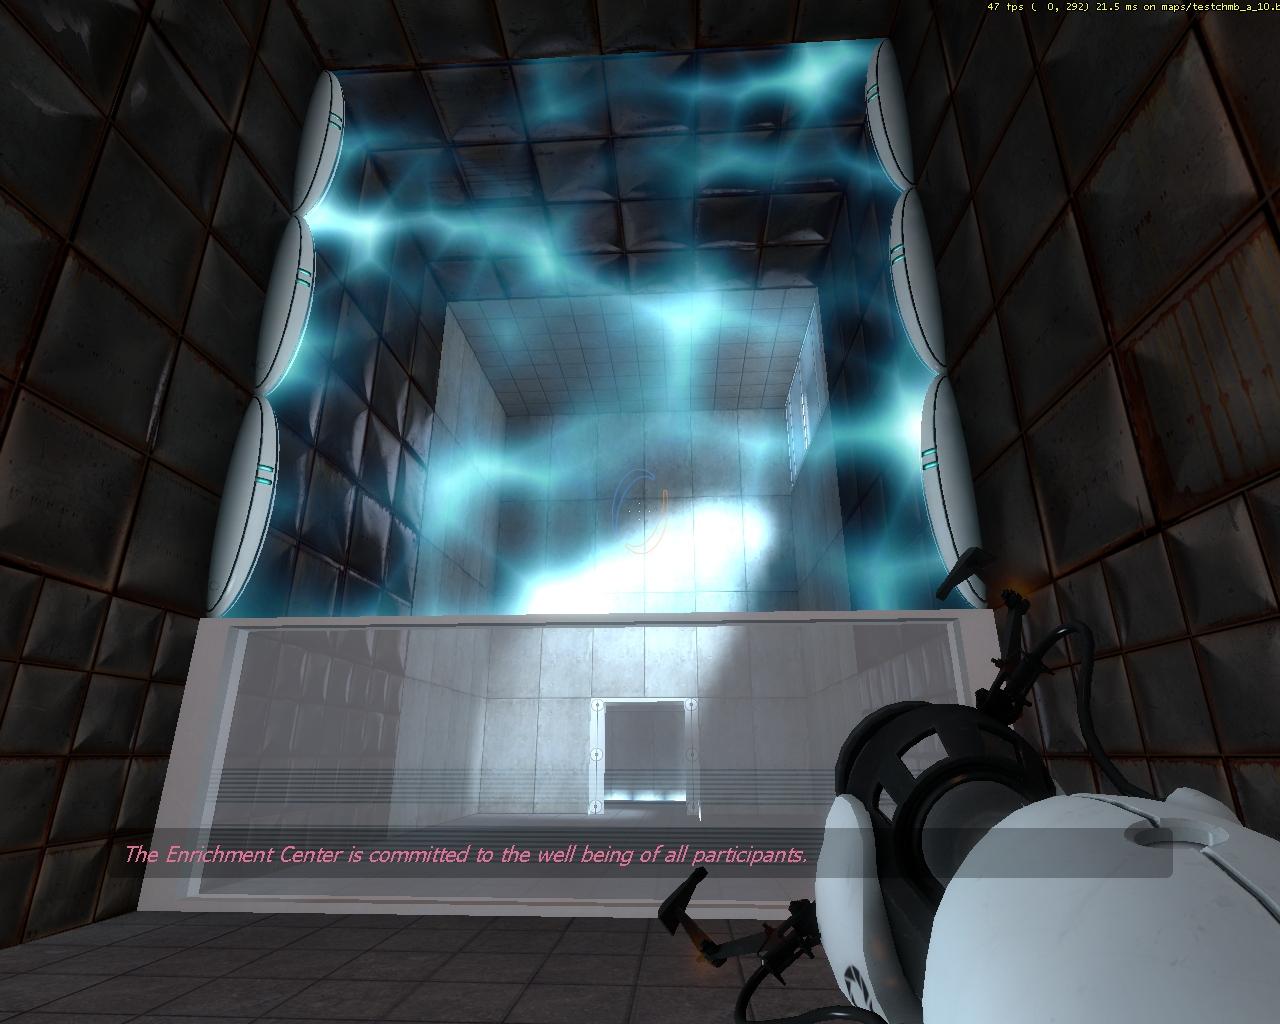 testchmb_a_100023.jpg - Portal Portal 2006, Portal Beta, testchmb_a_10